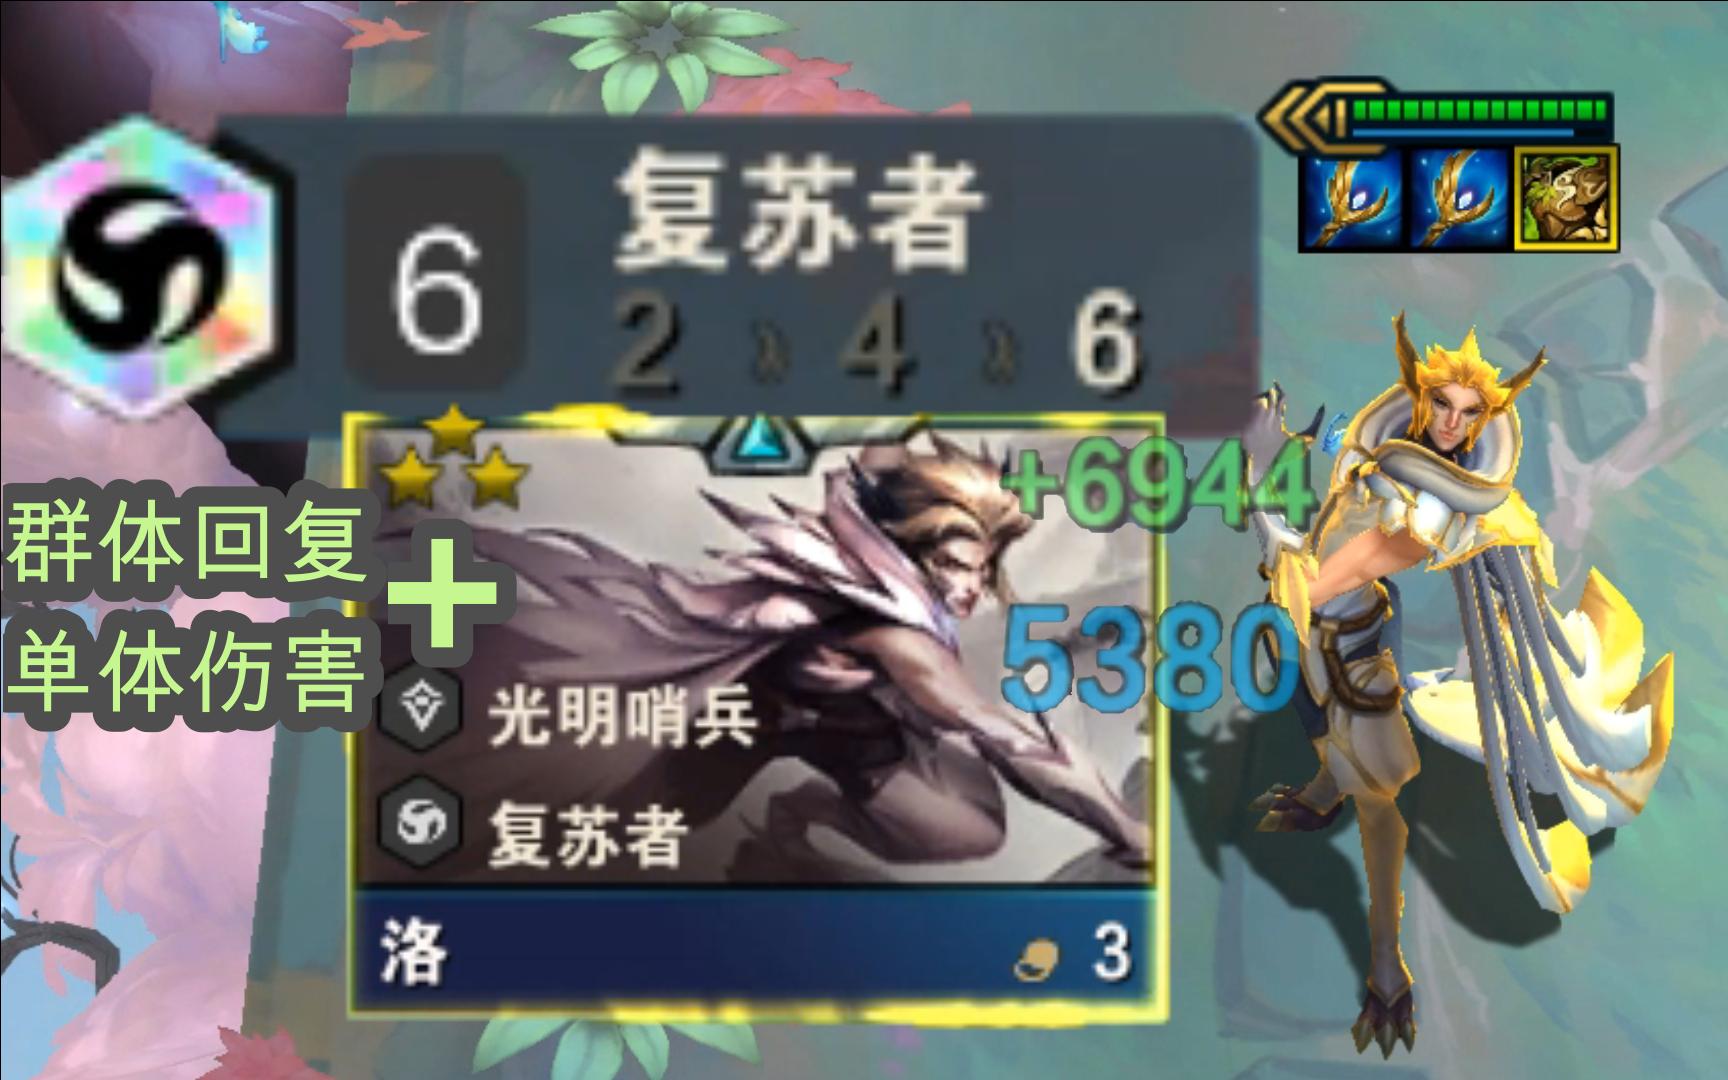 三星洛:随便你打,一个技能全员满血,顺便秒掉一人【云顶之弈s5】